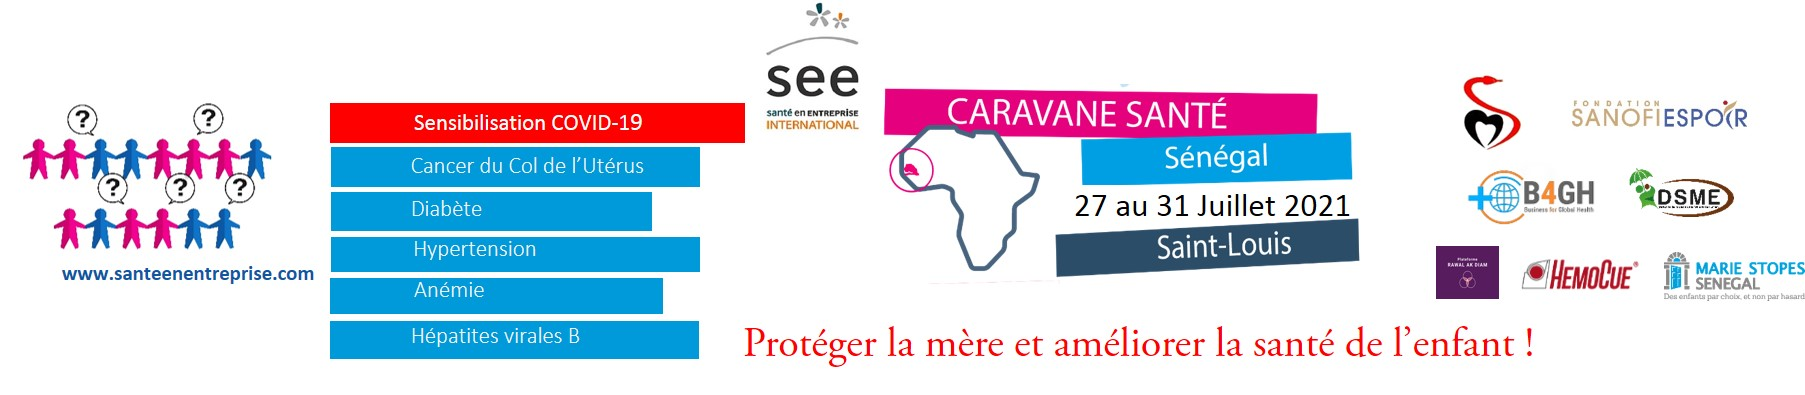 BANNER CARAVANE 2 SENEGAL